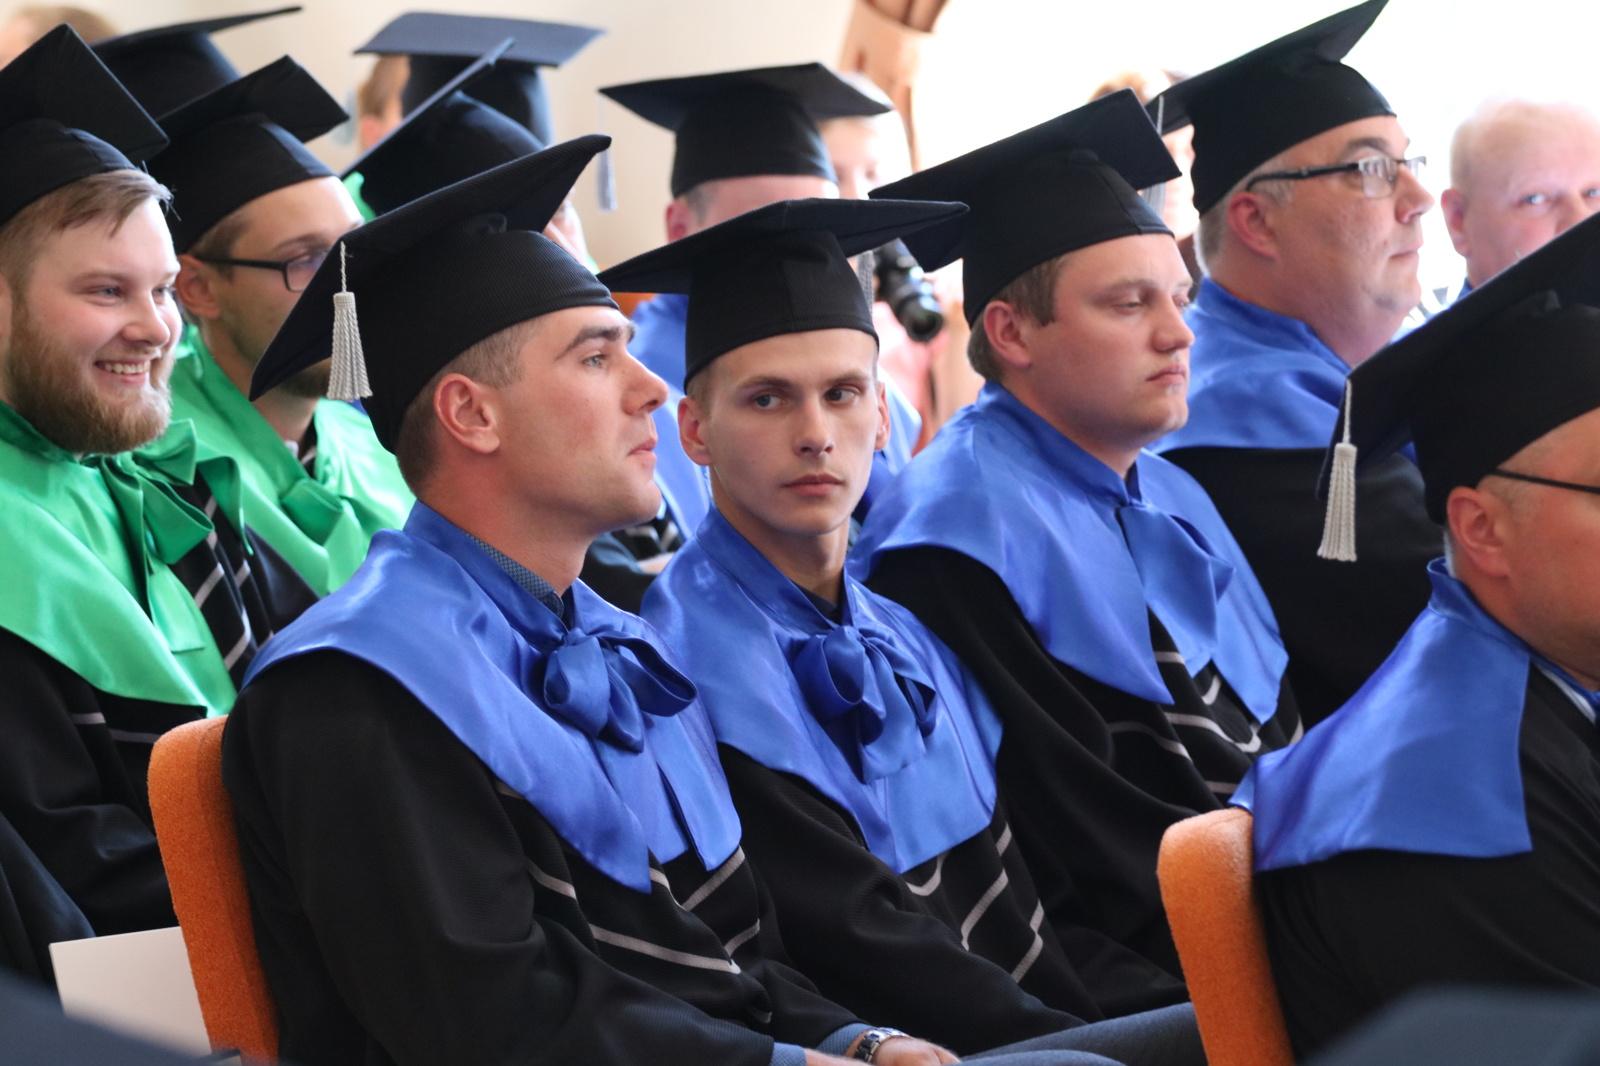 Šiaulių valstybinėje kolegijoje įteikti diplomai studijas baigusiems studentams (fotogalerija)